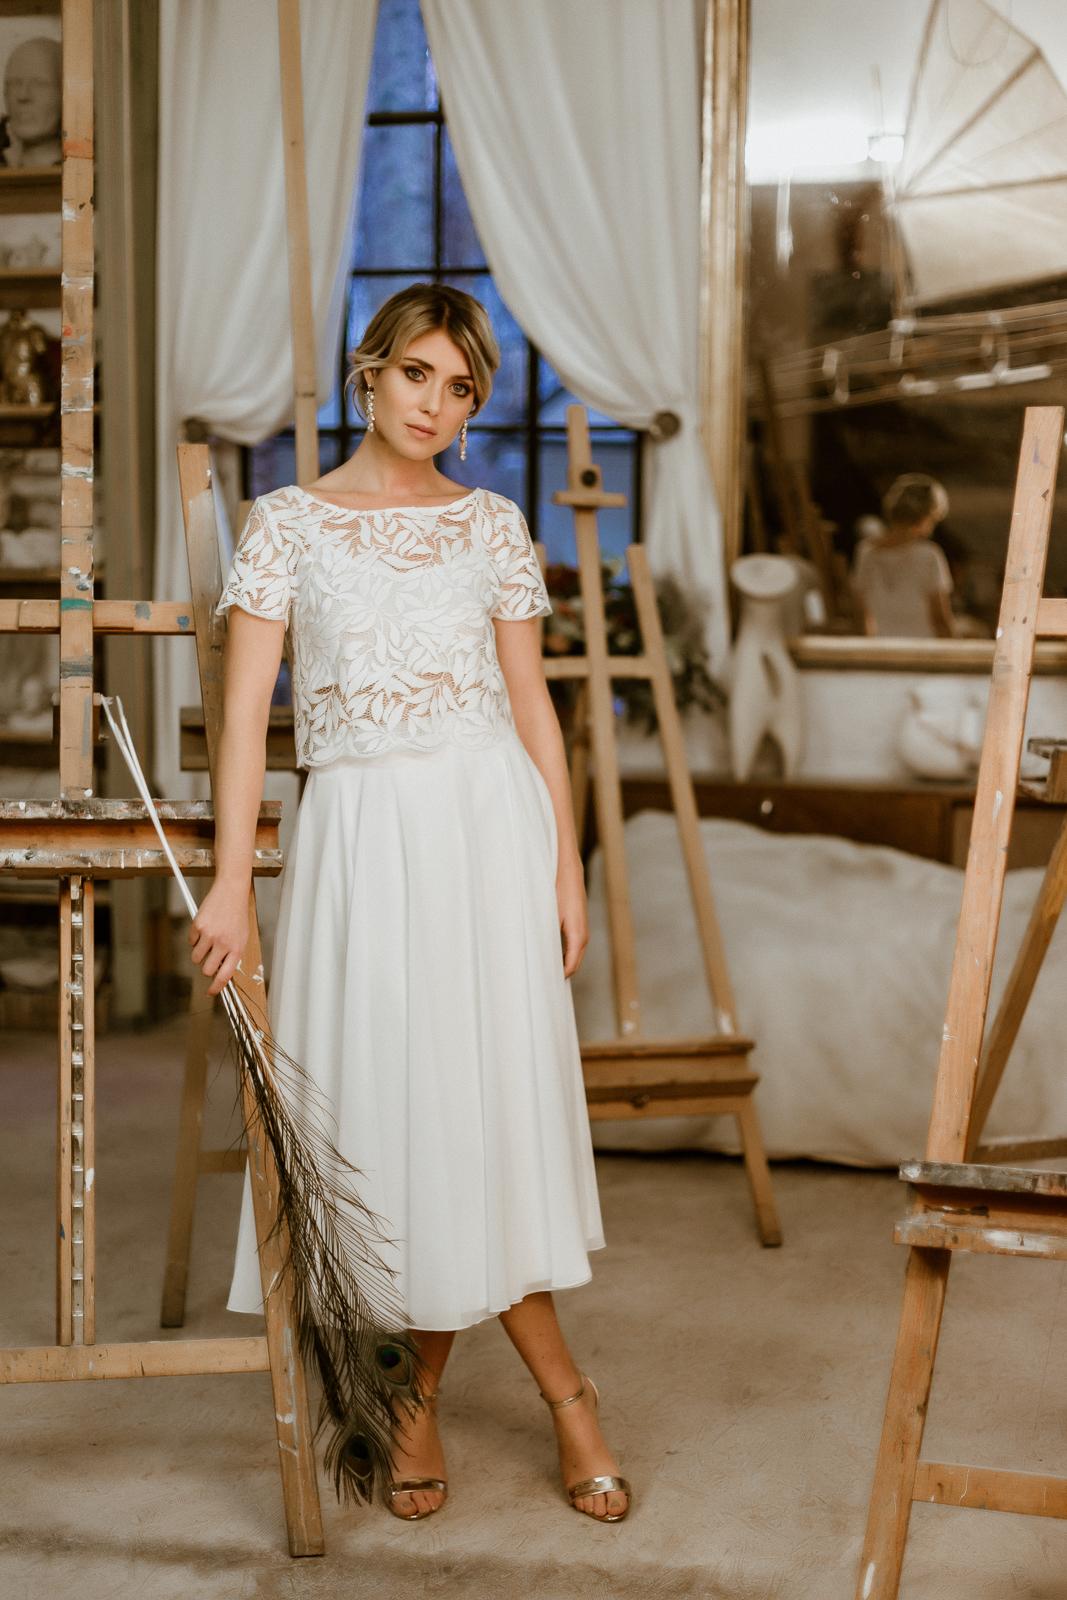 Zweiteiliges Brautkleid mit Botanik-Top und Midi-Chiffonrock, Vorderansicht